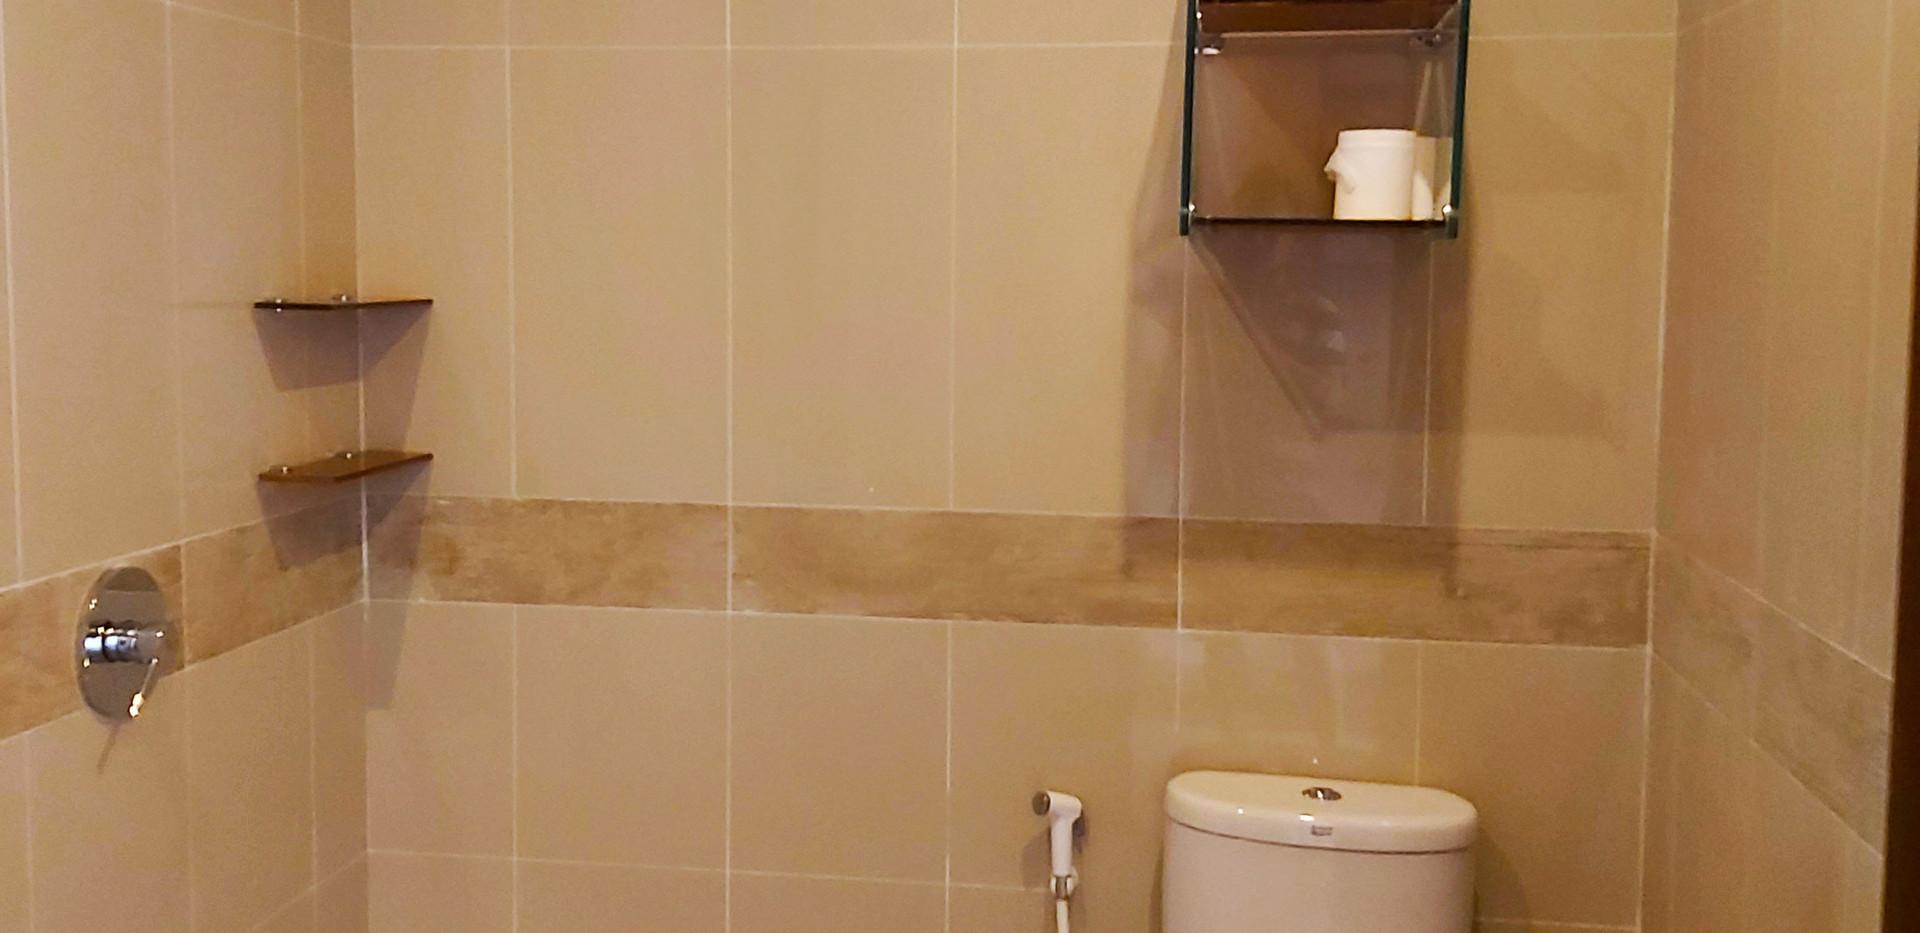 Marina Del Ray shower.jpg